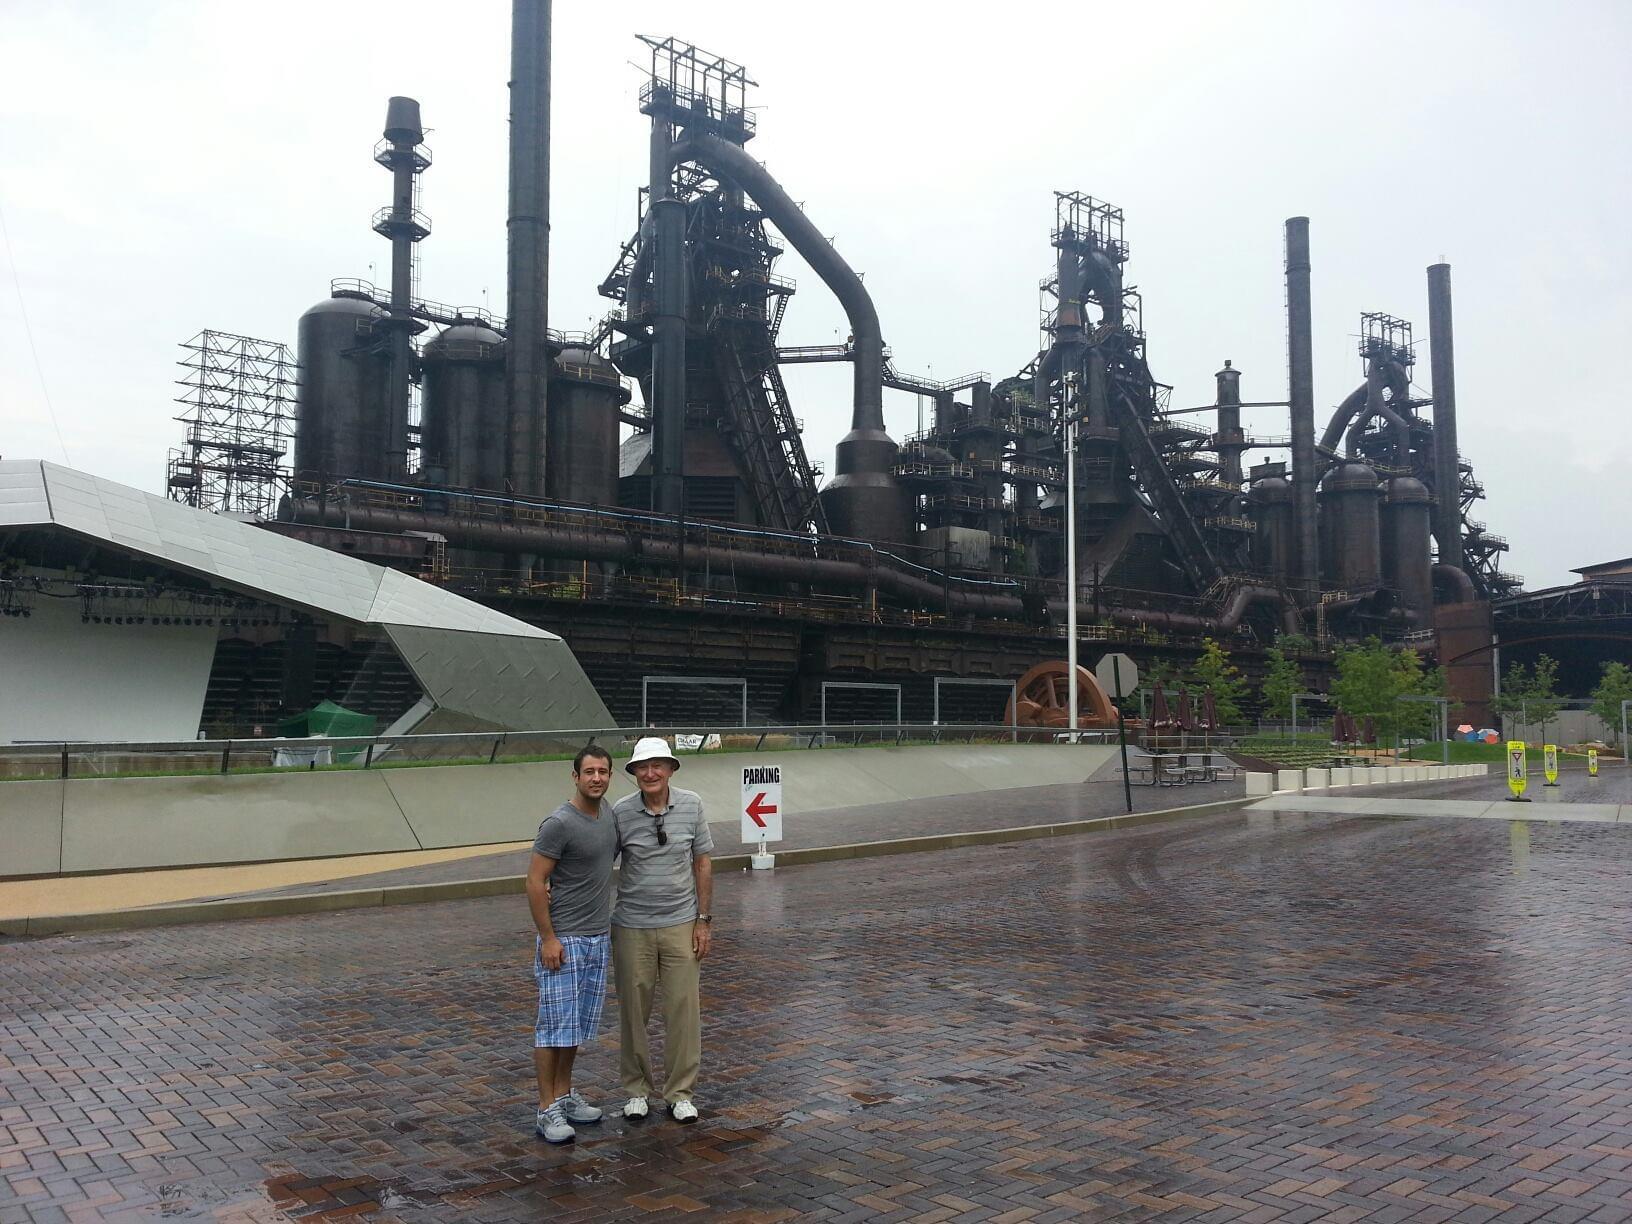 Steve and Grandpa at the Steel Stacks in Bethlehem in 2013